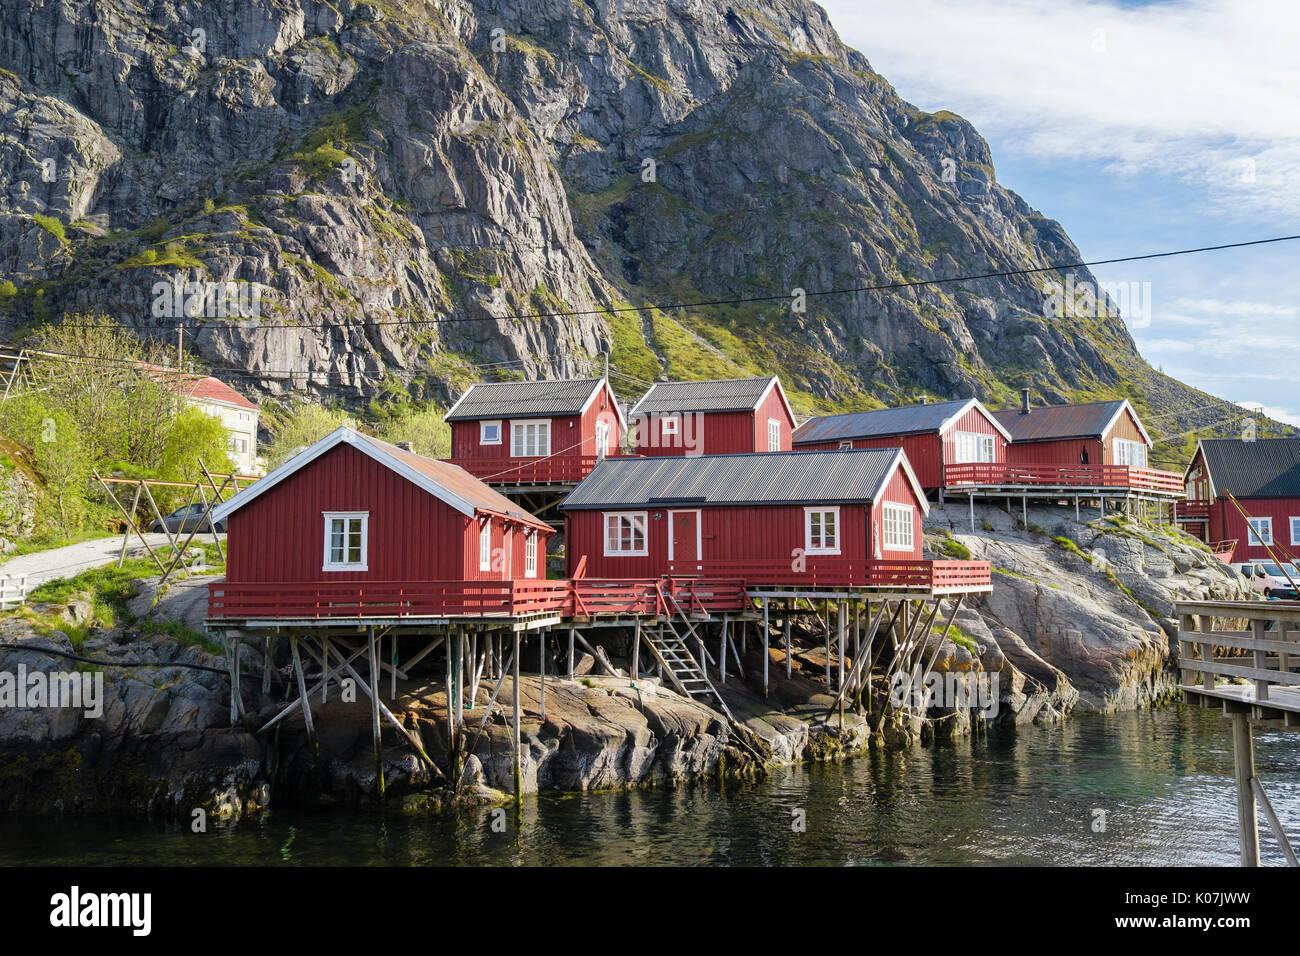 Der rote hölzerne Rorbuer Fischerhütten und Gebäude auf Stelzen durch Wasser im Fischerdorf Å, Moskenes, Insel Moskenesøya, Lofoten, Norwegen Stockbild